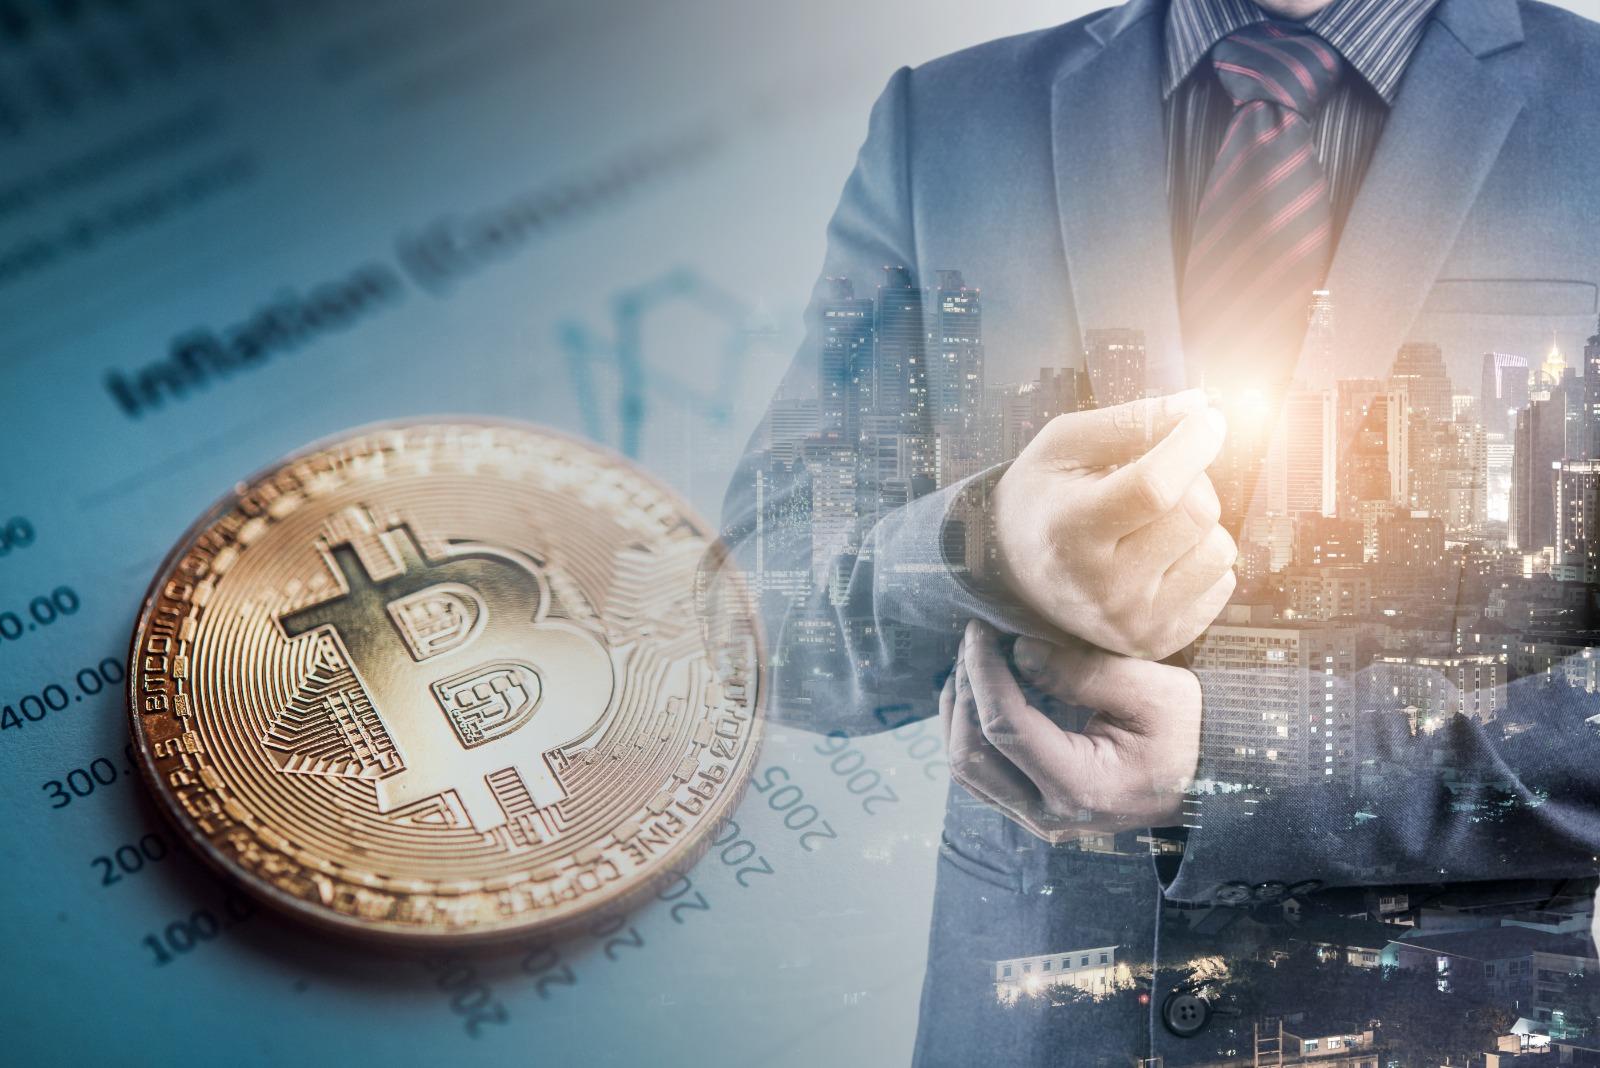 kripto paralarin benimsenmesinde hangi ulkeler one cikiyor